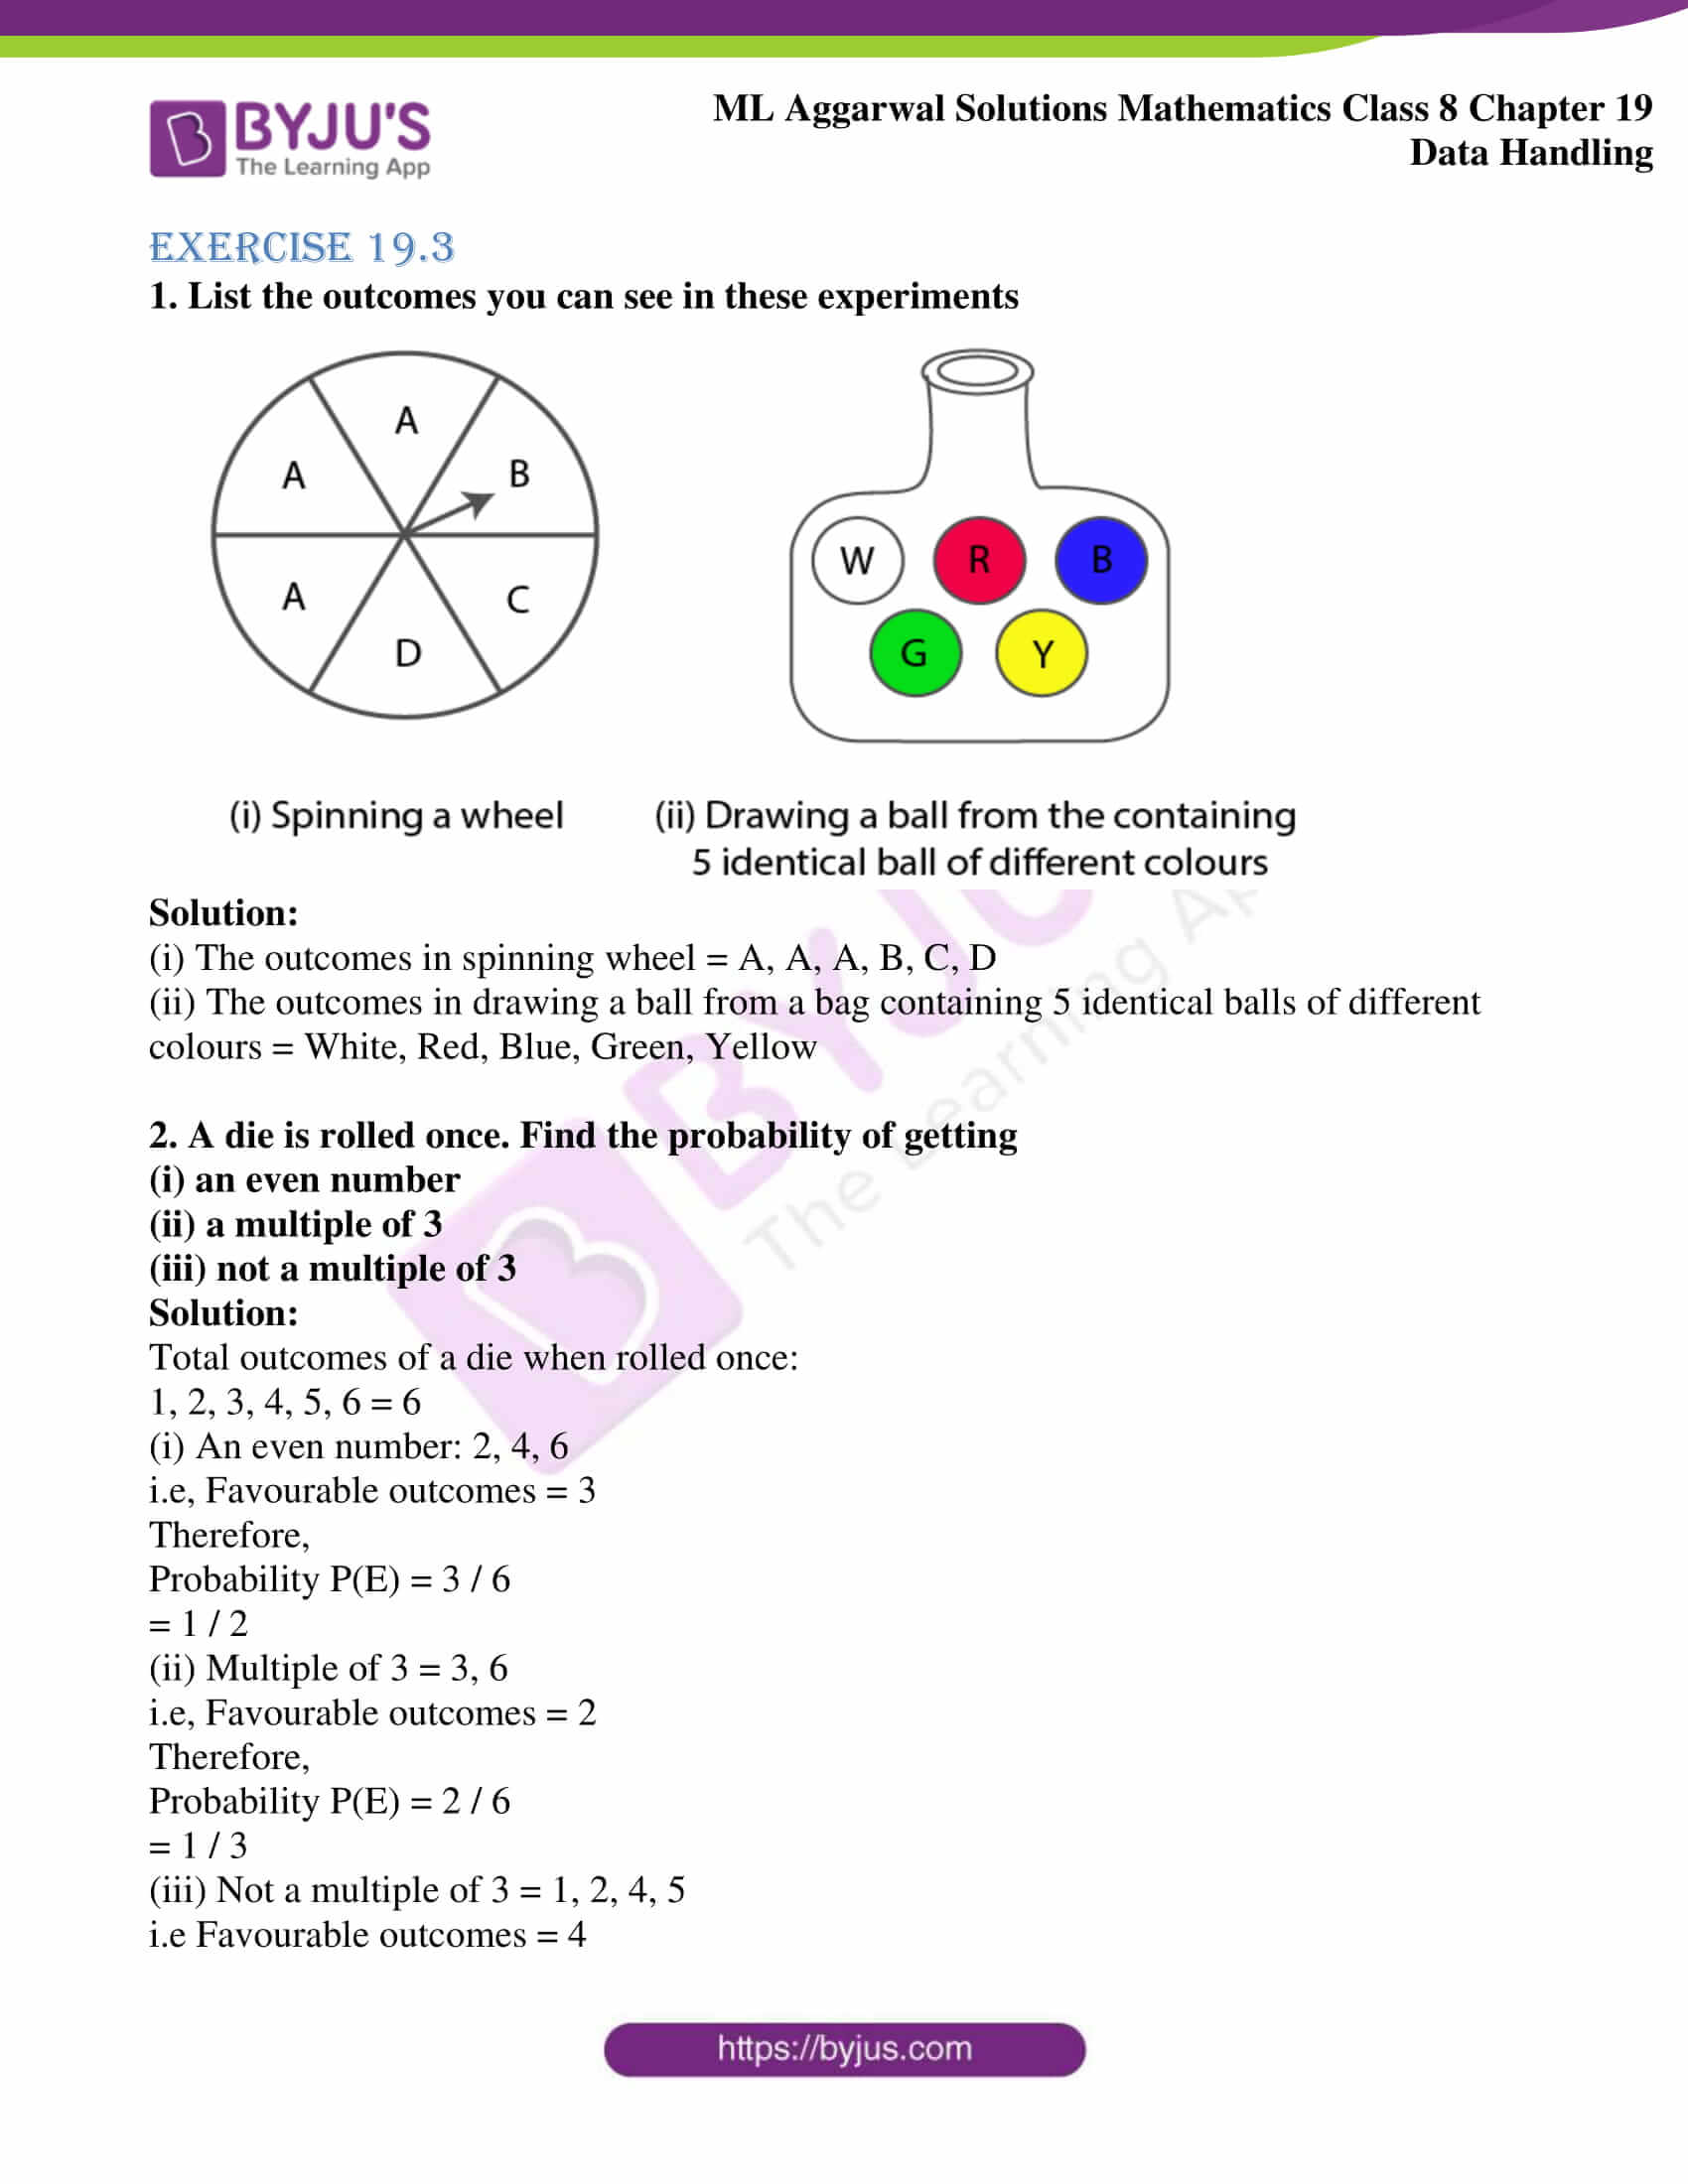 ml aggarwal sol mathematics class 8 ch 19 18